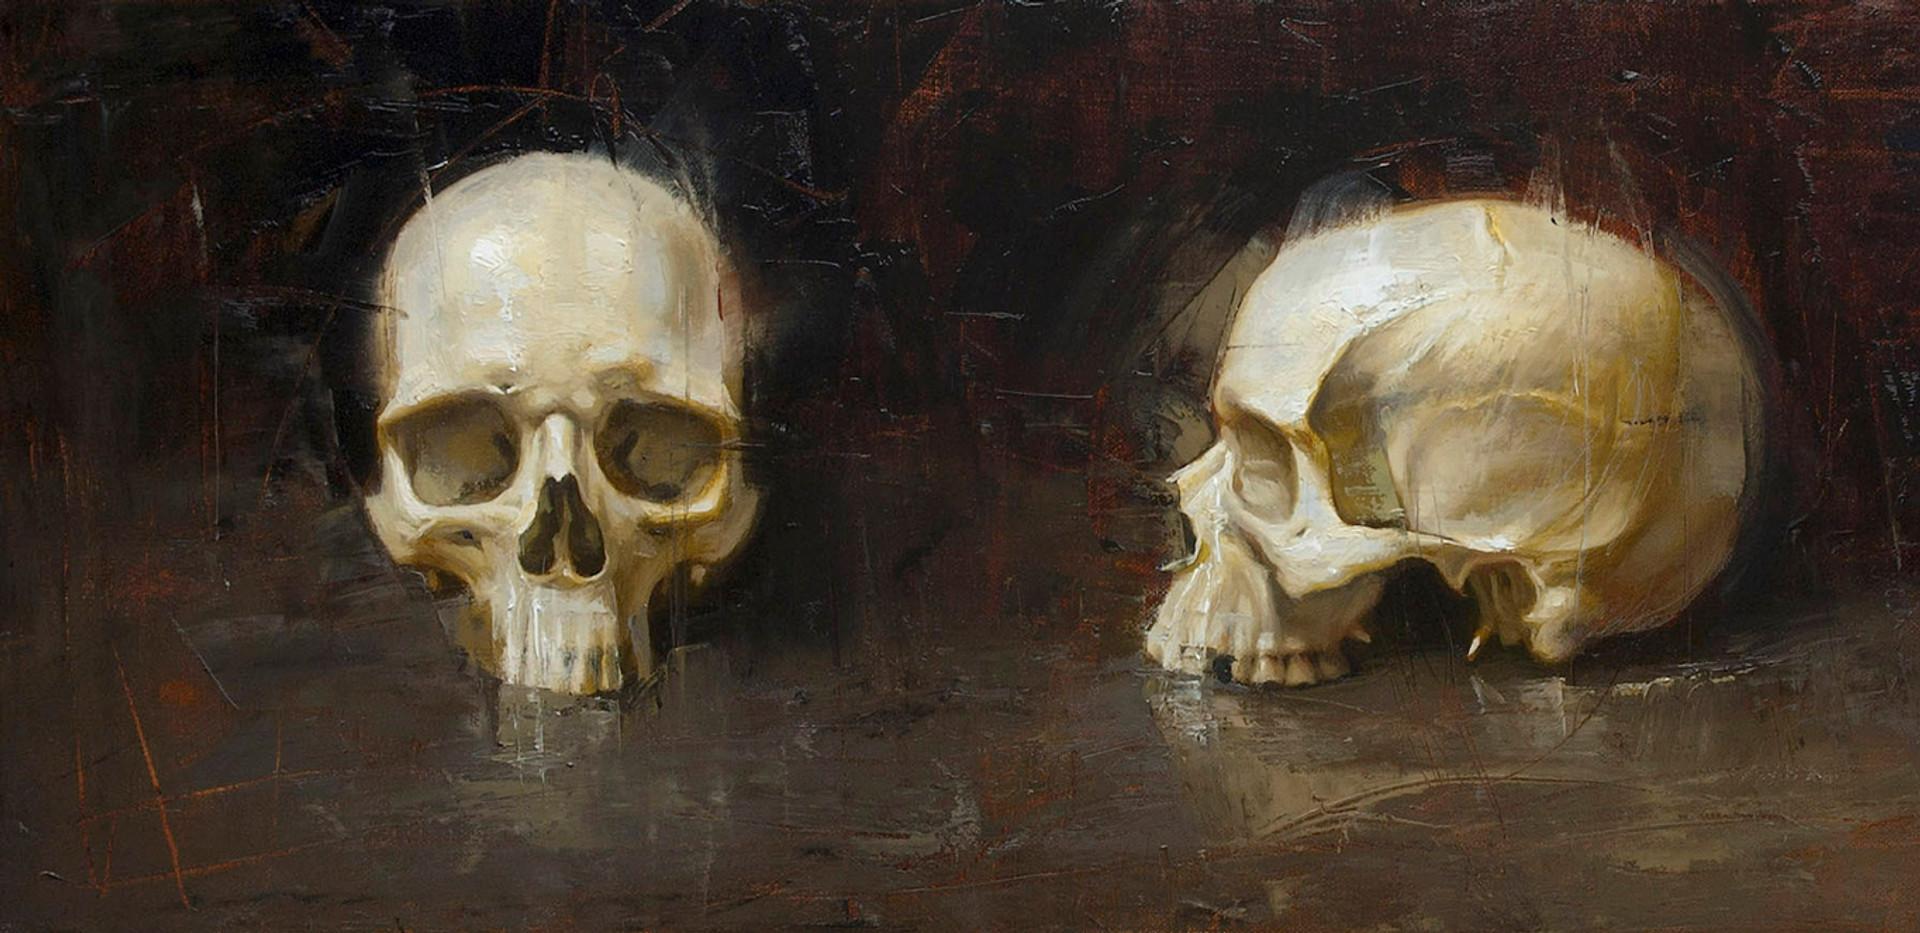 Skull 3 views